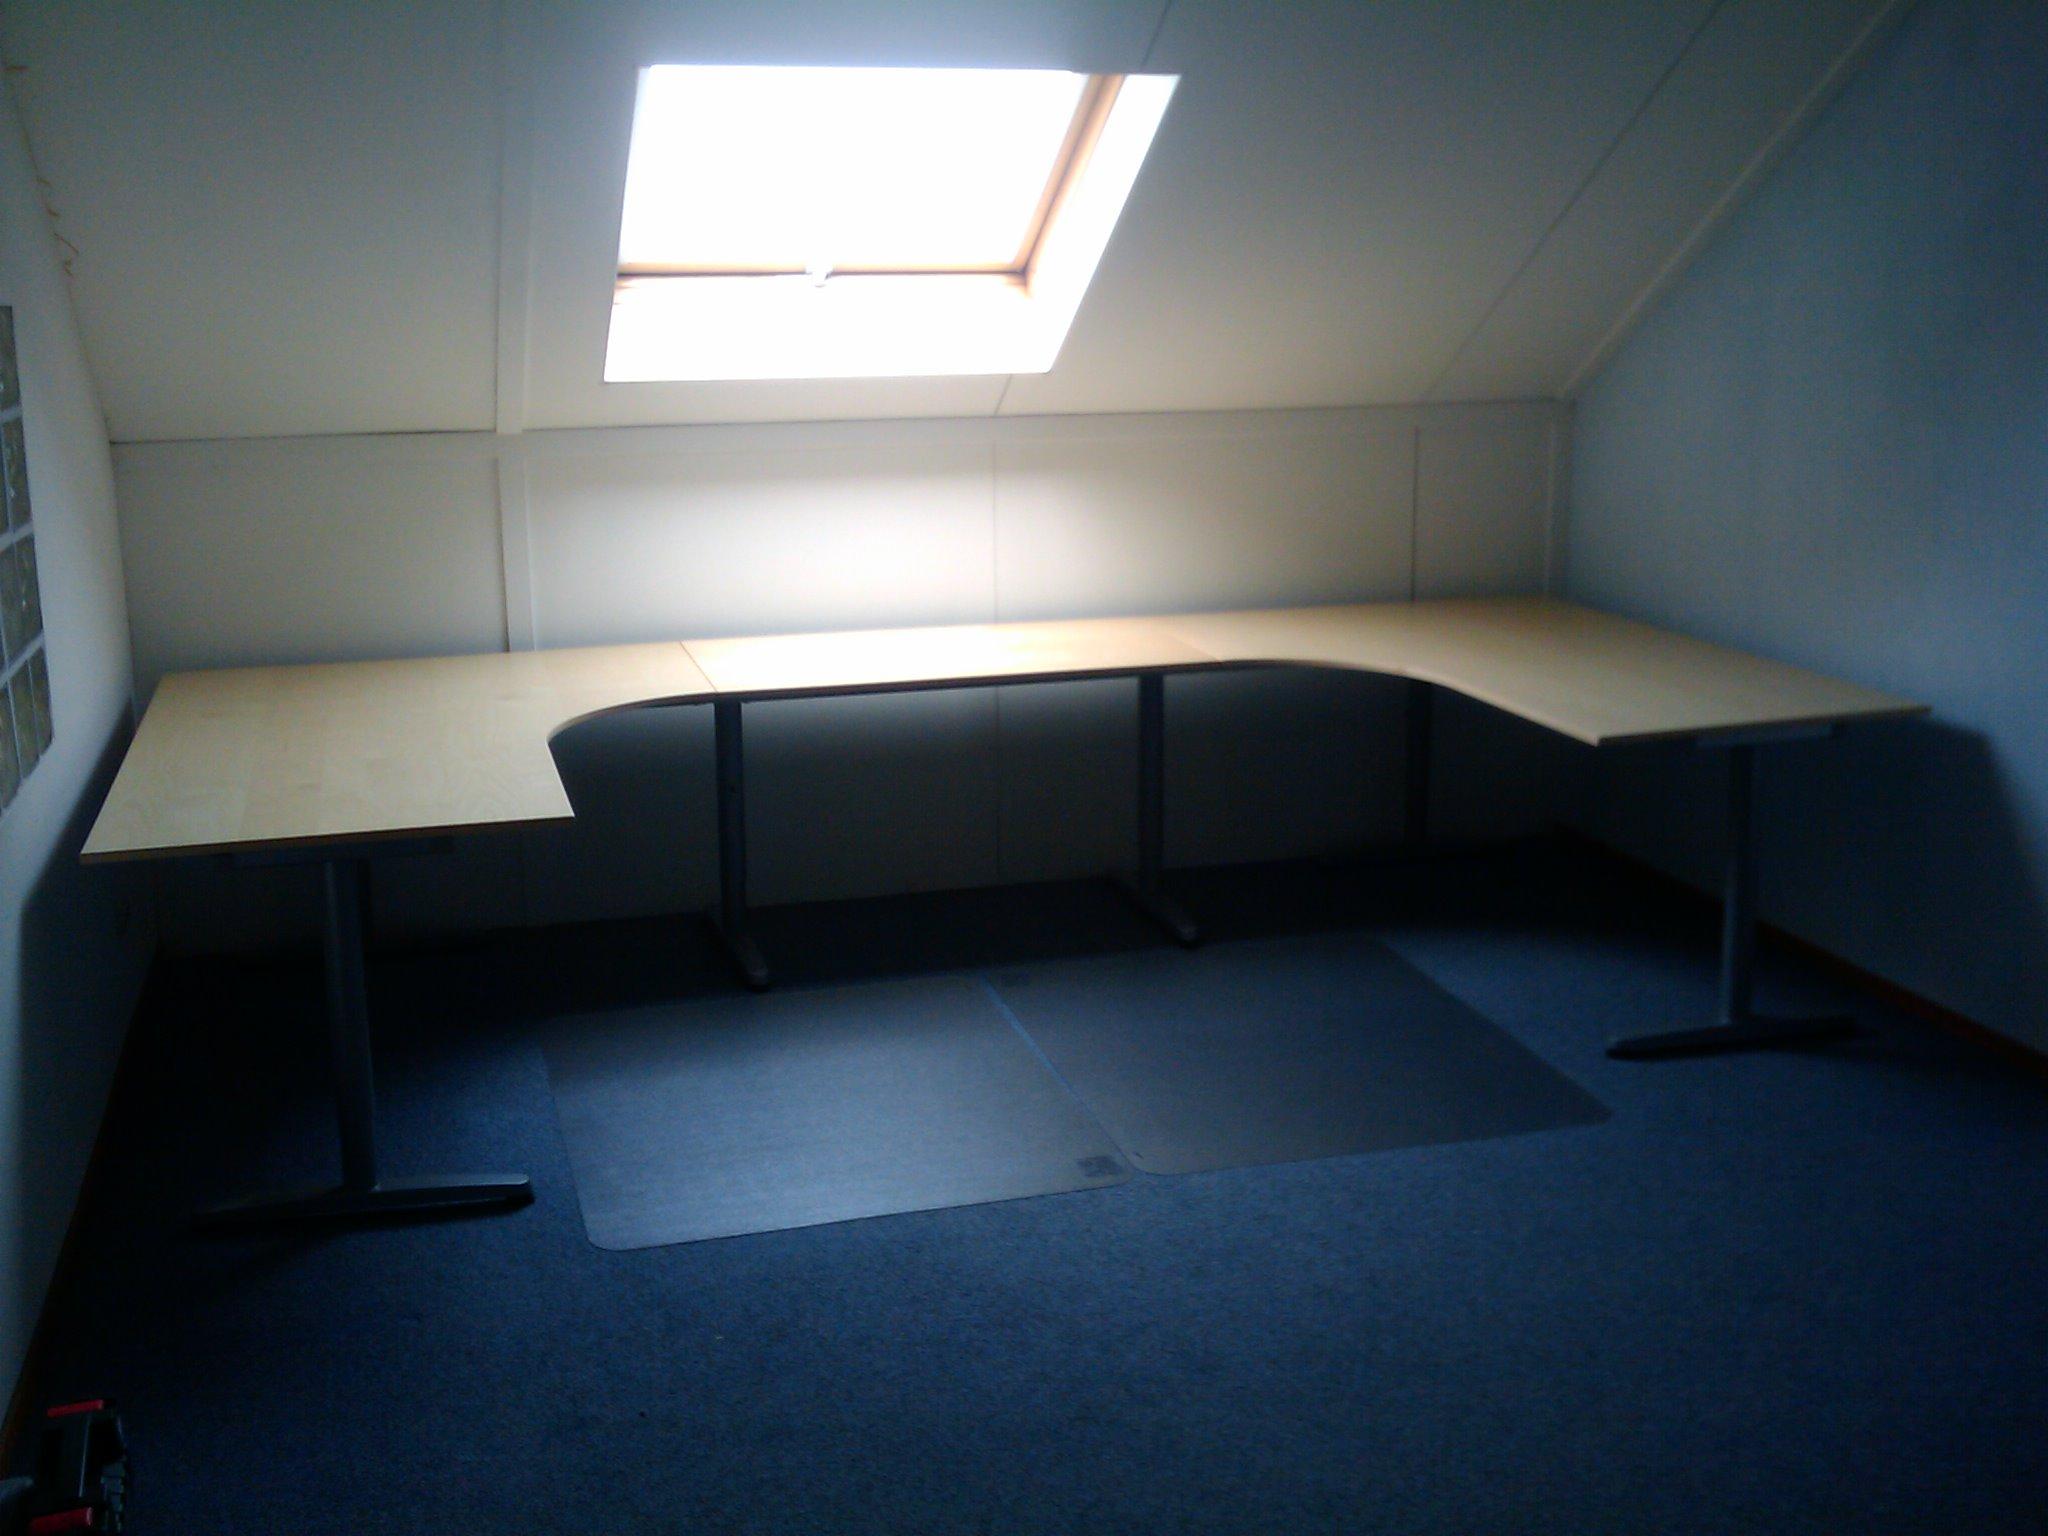 Werkplek, prutshoek, soldeertafel, knutselkamer deel 3   forum ...